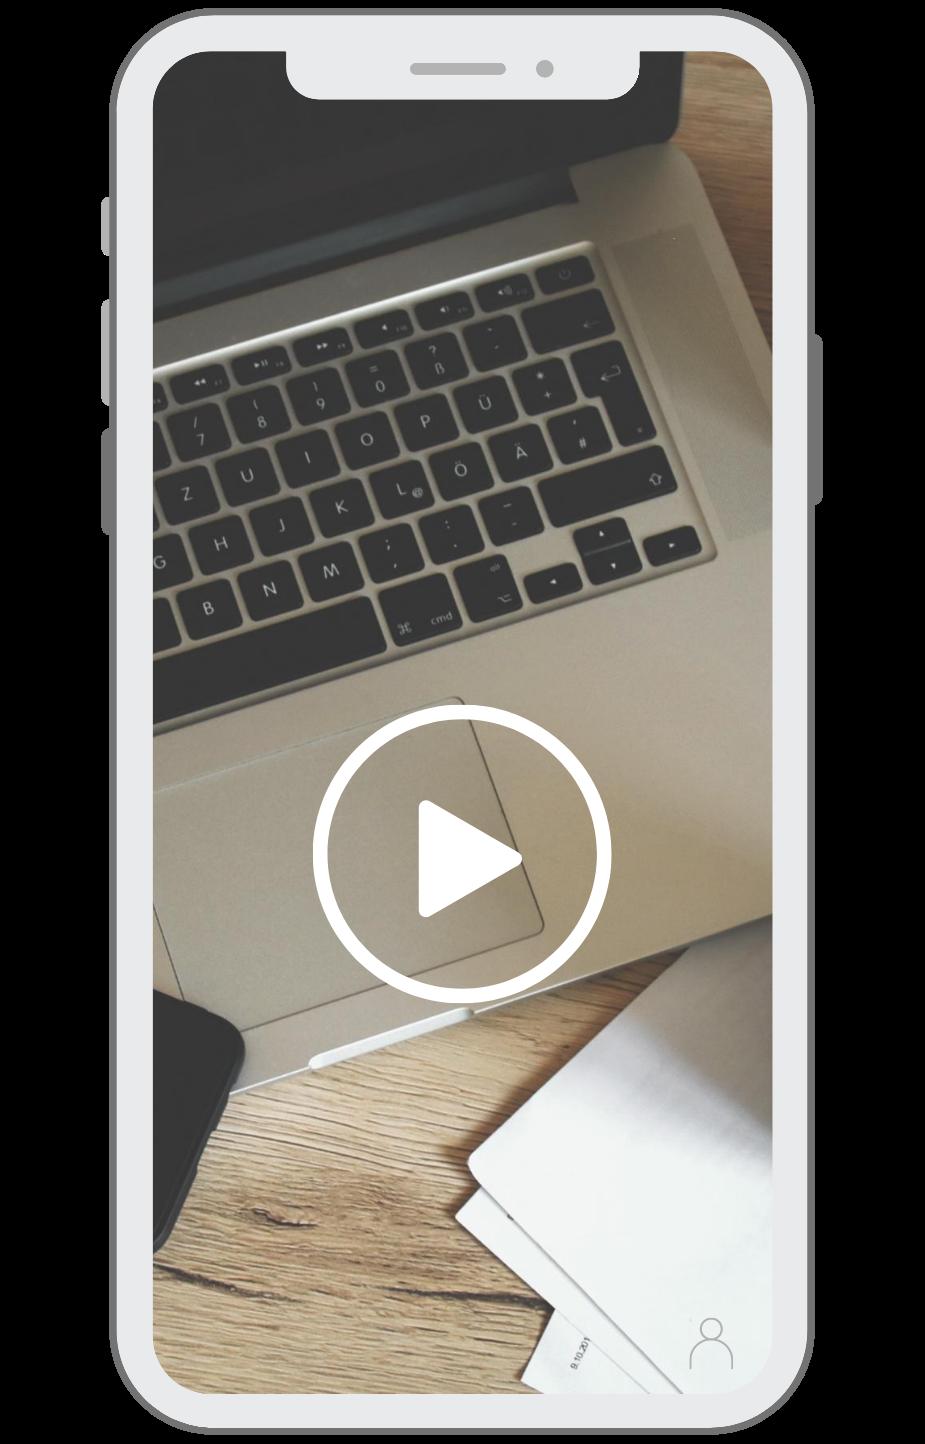 UWP Phone layout - Video Screen Keyboard